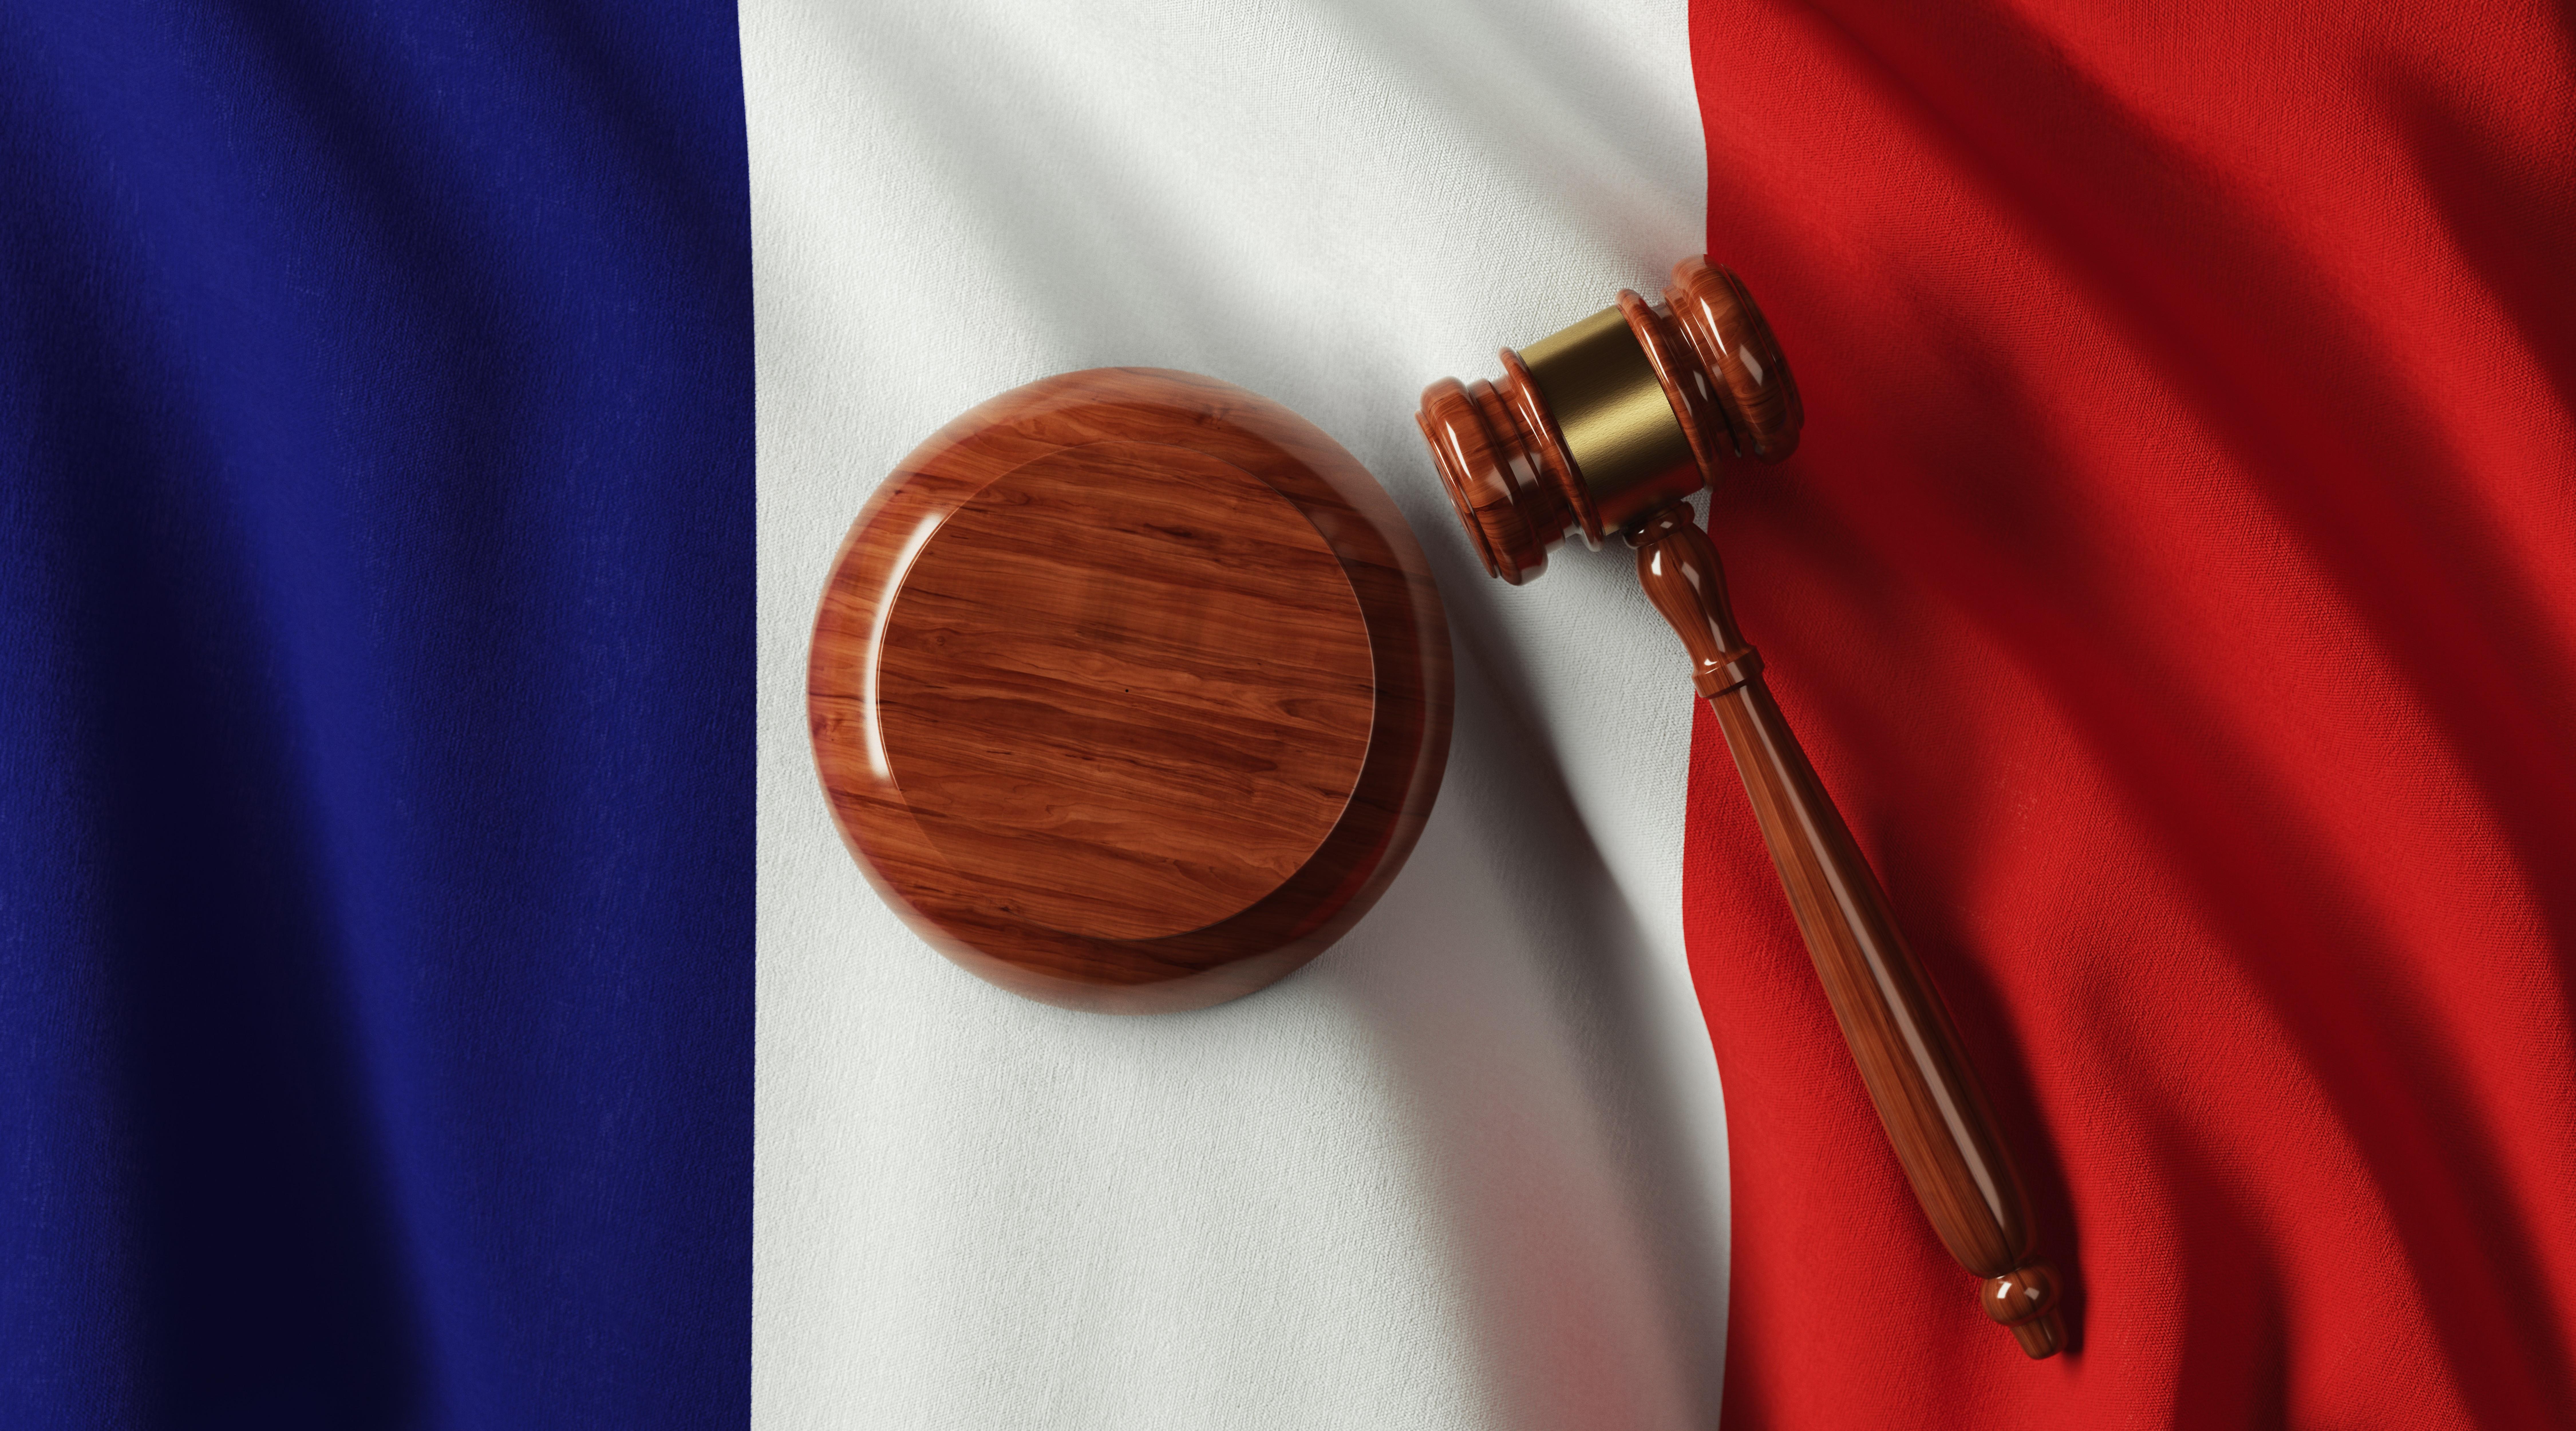 Tribunal francês ordena demolição de mansão avaliada em 57 milhões